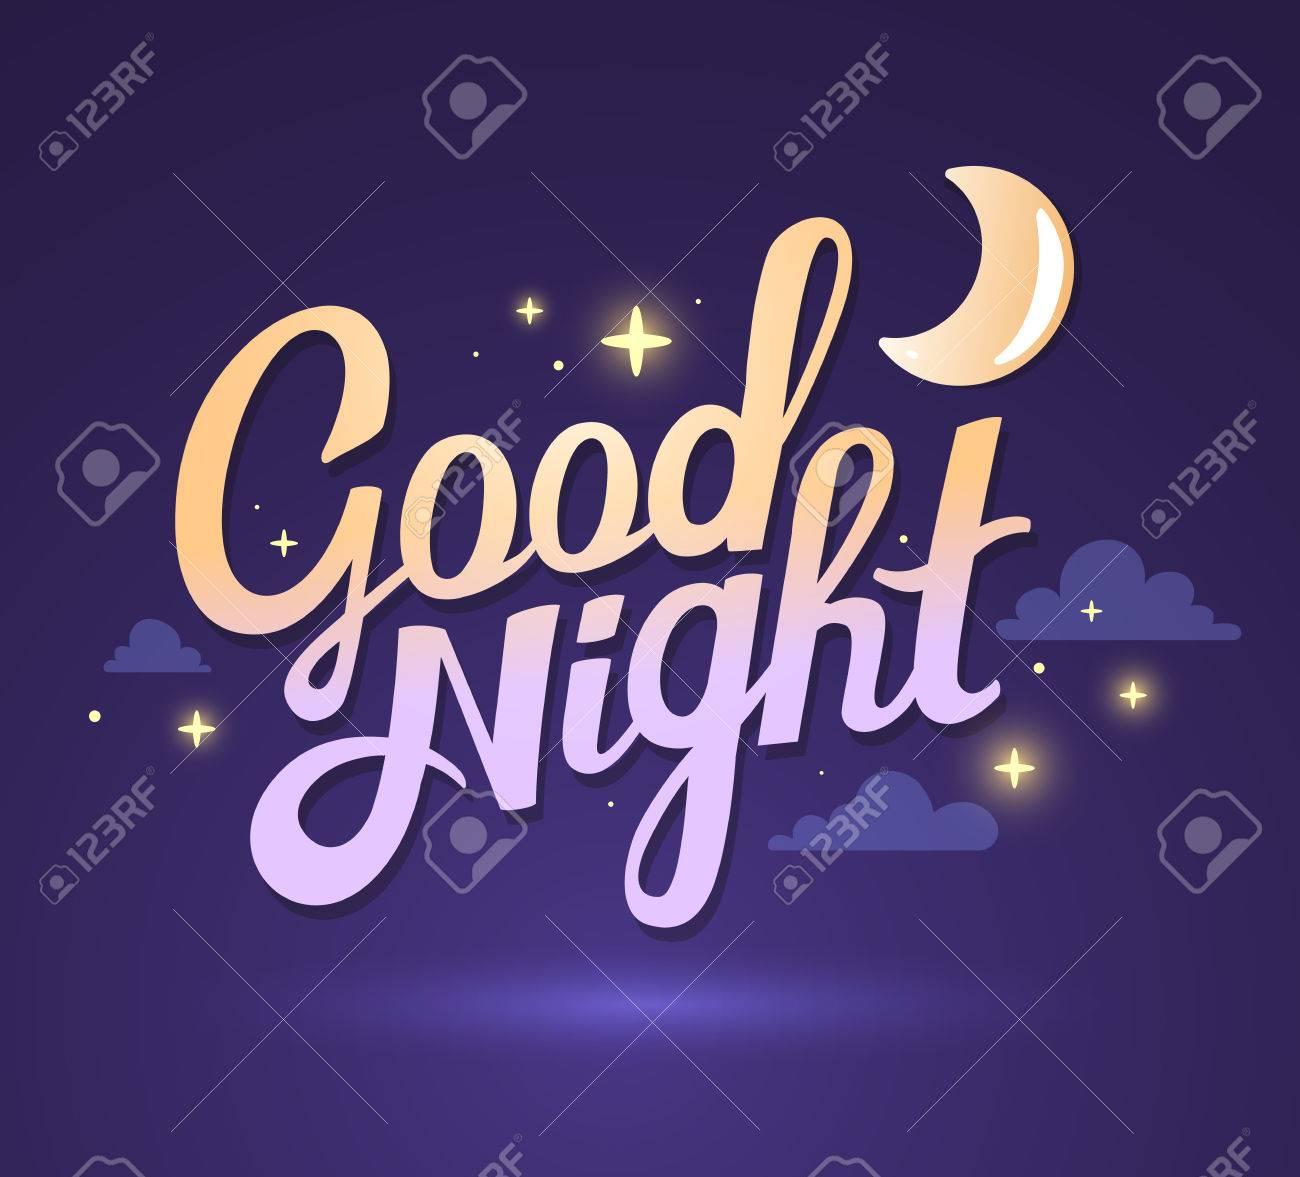 Illustration De Souhaiter Bonne Nuit Violet Foncé Fond De Ciel Avec La Lune Art Design Pour Le Web Site Publicité Affiche Brochure Carte Carte